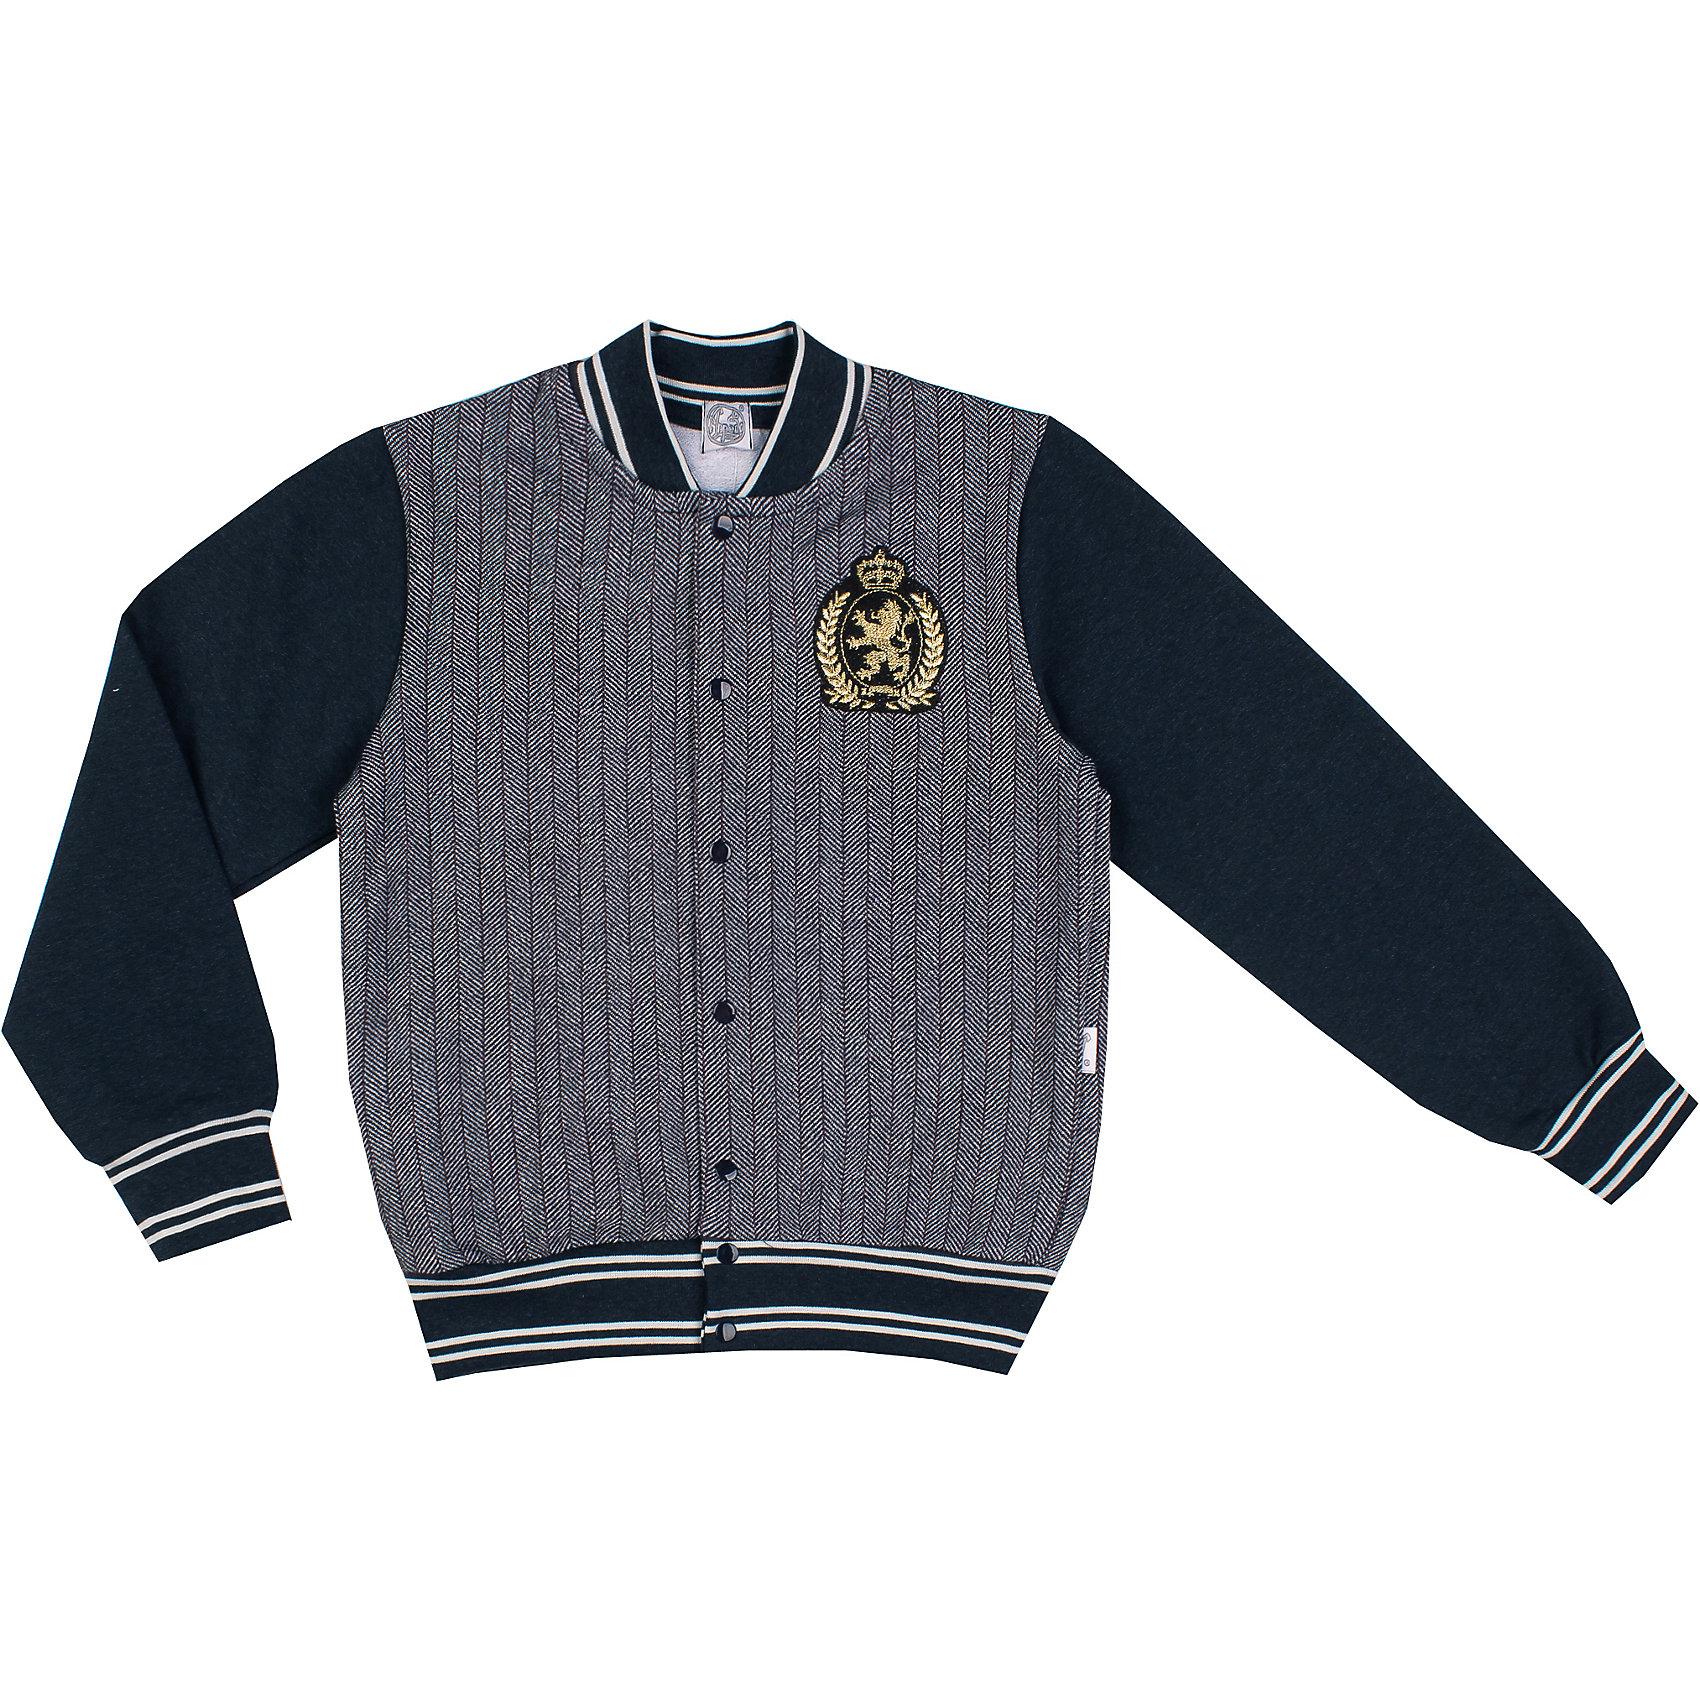 Куртка Апрель для мальчикаВерхняя одежда<br>Характеристики товара:<br><br>• цвет: серый/синий;<br>• состав: 95% хлопок, 5% лайкра;<br>• сезон: демисезон;<br>• эластичные манжеты и низ изделия;<br>• застежка: кнопки;<br>• с длинным рукавом;<br>• особенности: вязаная, школьная;<br>• страна бренда: Россия;<br>• страна производства: Россия.<br><br>Куртка для мальчика. Куртка серого цвета, с длинными рукавами контрастного синего цвета. Подходит для школы и на каждый день.<br><br>Куртку для мальчика Апрель можно купить в нашем интернет-магазине.<br><br>Ширина мм: 356<br>Глубина мм: 10<br>Высота мм: 245<br>Вес г: 519<br>Цвет: серый<br>Возраст от месяцев: 84<br>Возраст до месяцев: 96<br>Пол: Мужской<br>Возраст: Детский<br>Размер: 128,146,134,140<br>SKU: 6981052